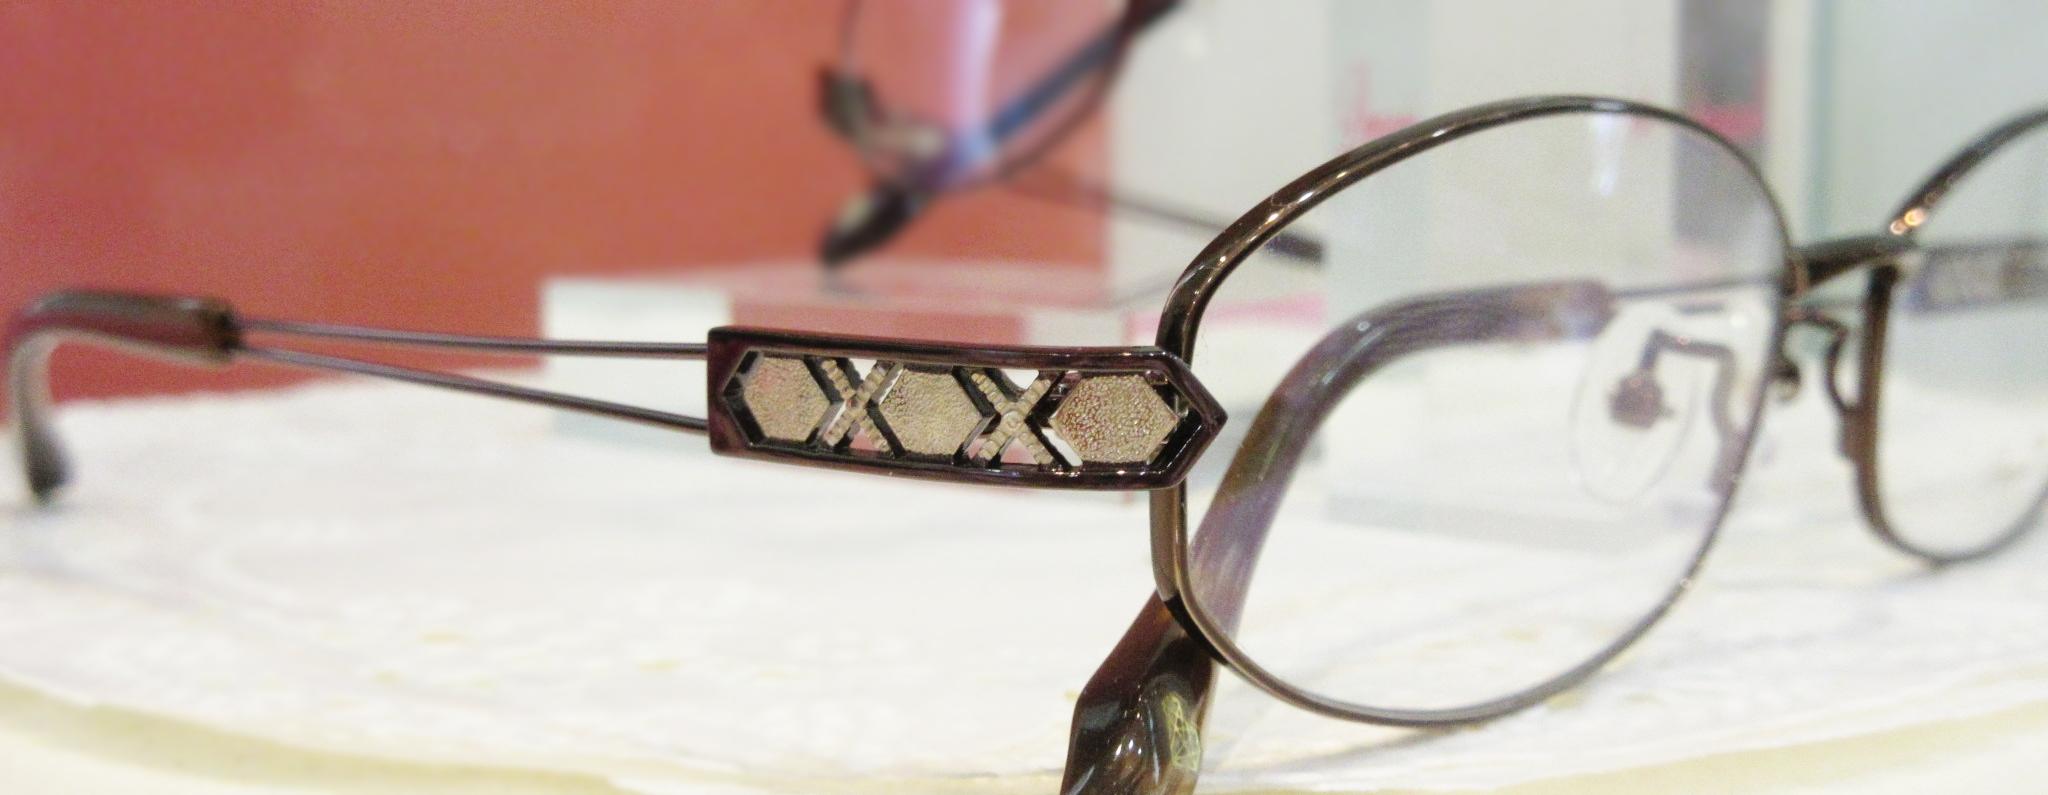 東京都 江戸川区 船堀 眼鏡 レディース ドラジェ カラー診断 両眼視機能検査